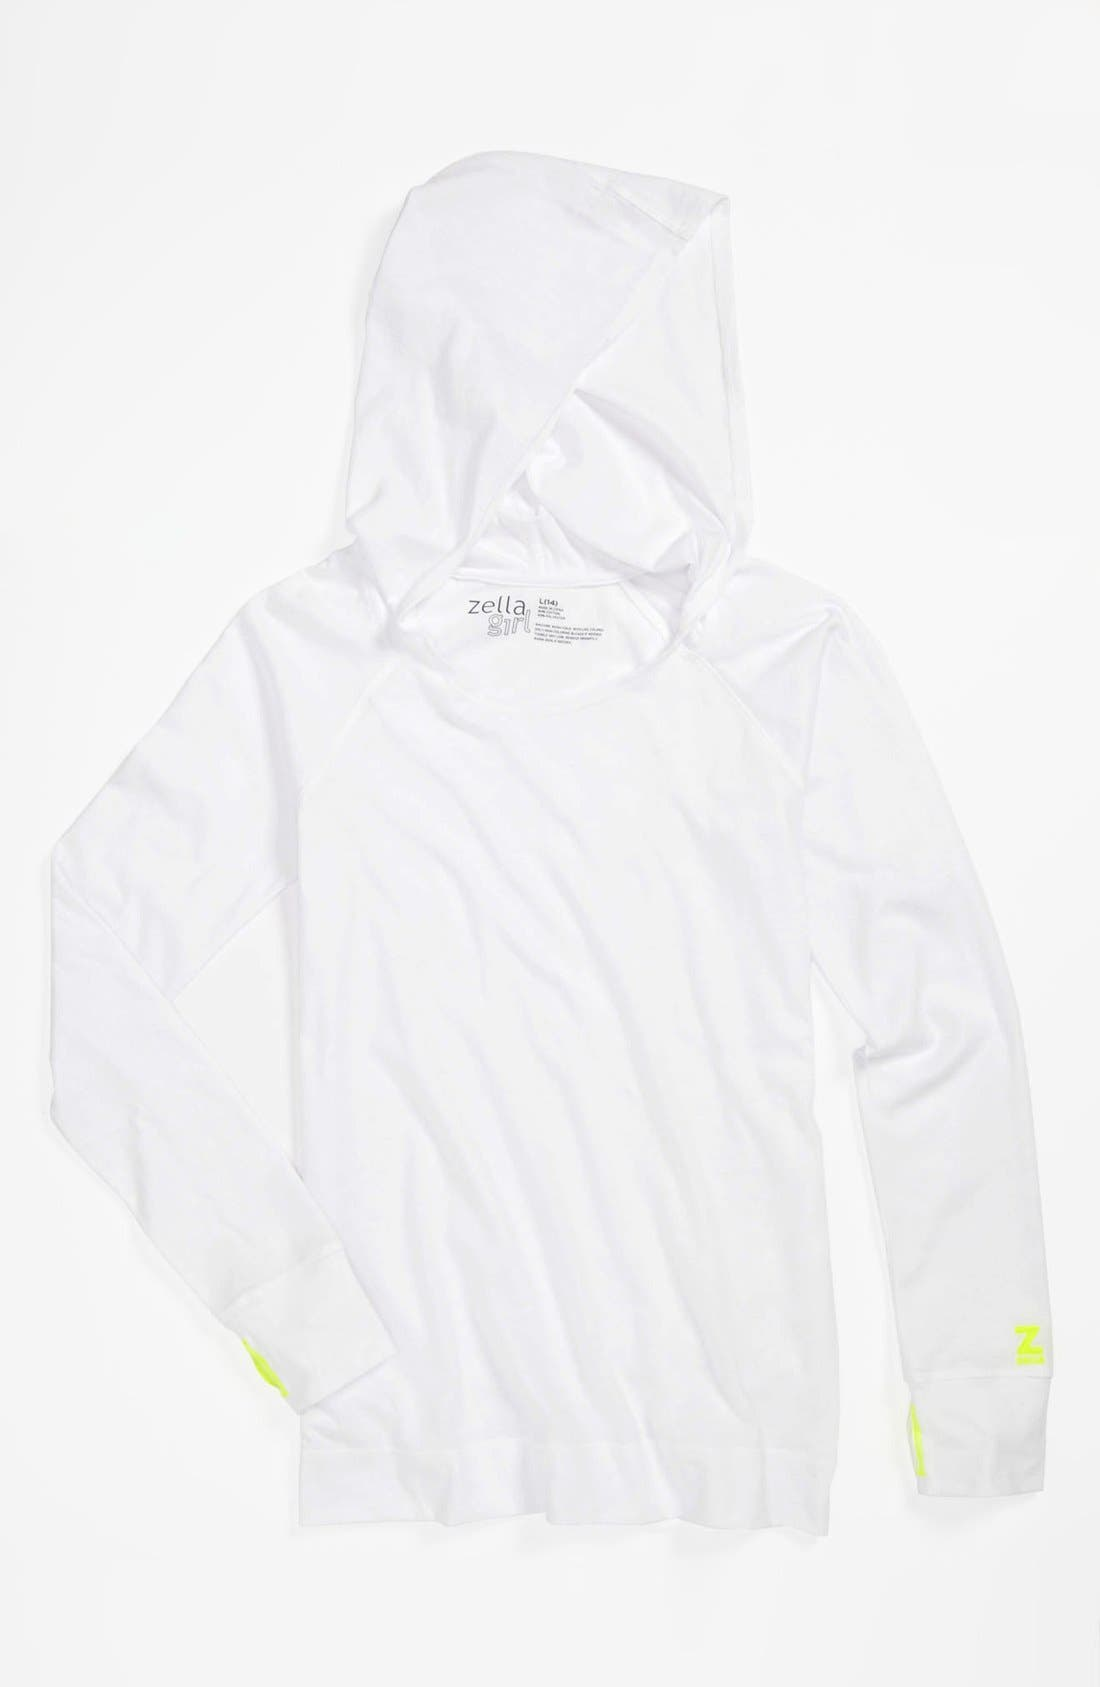 Alternate Image 1 Selected - Zella Girl 'Sporty' Hooded Tunic Tee (Little Girls & Big Girls)